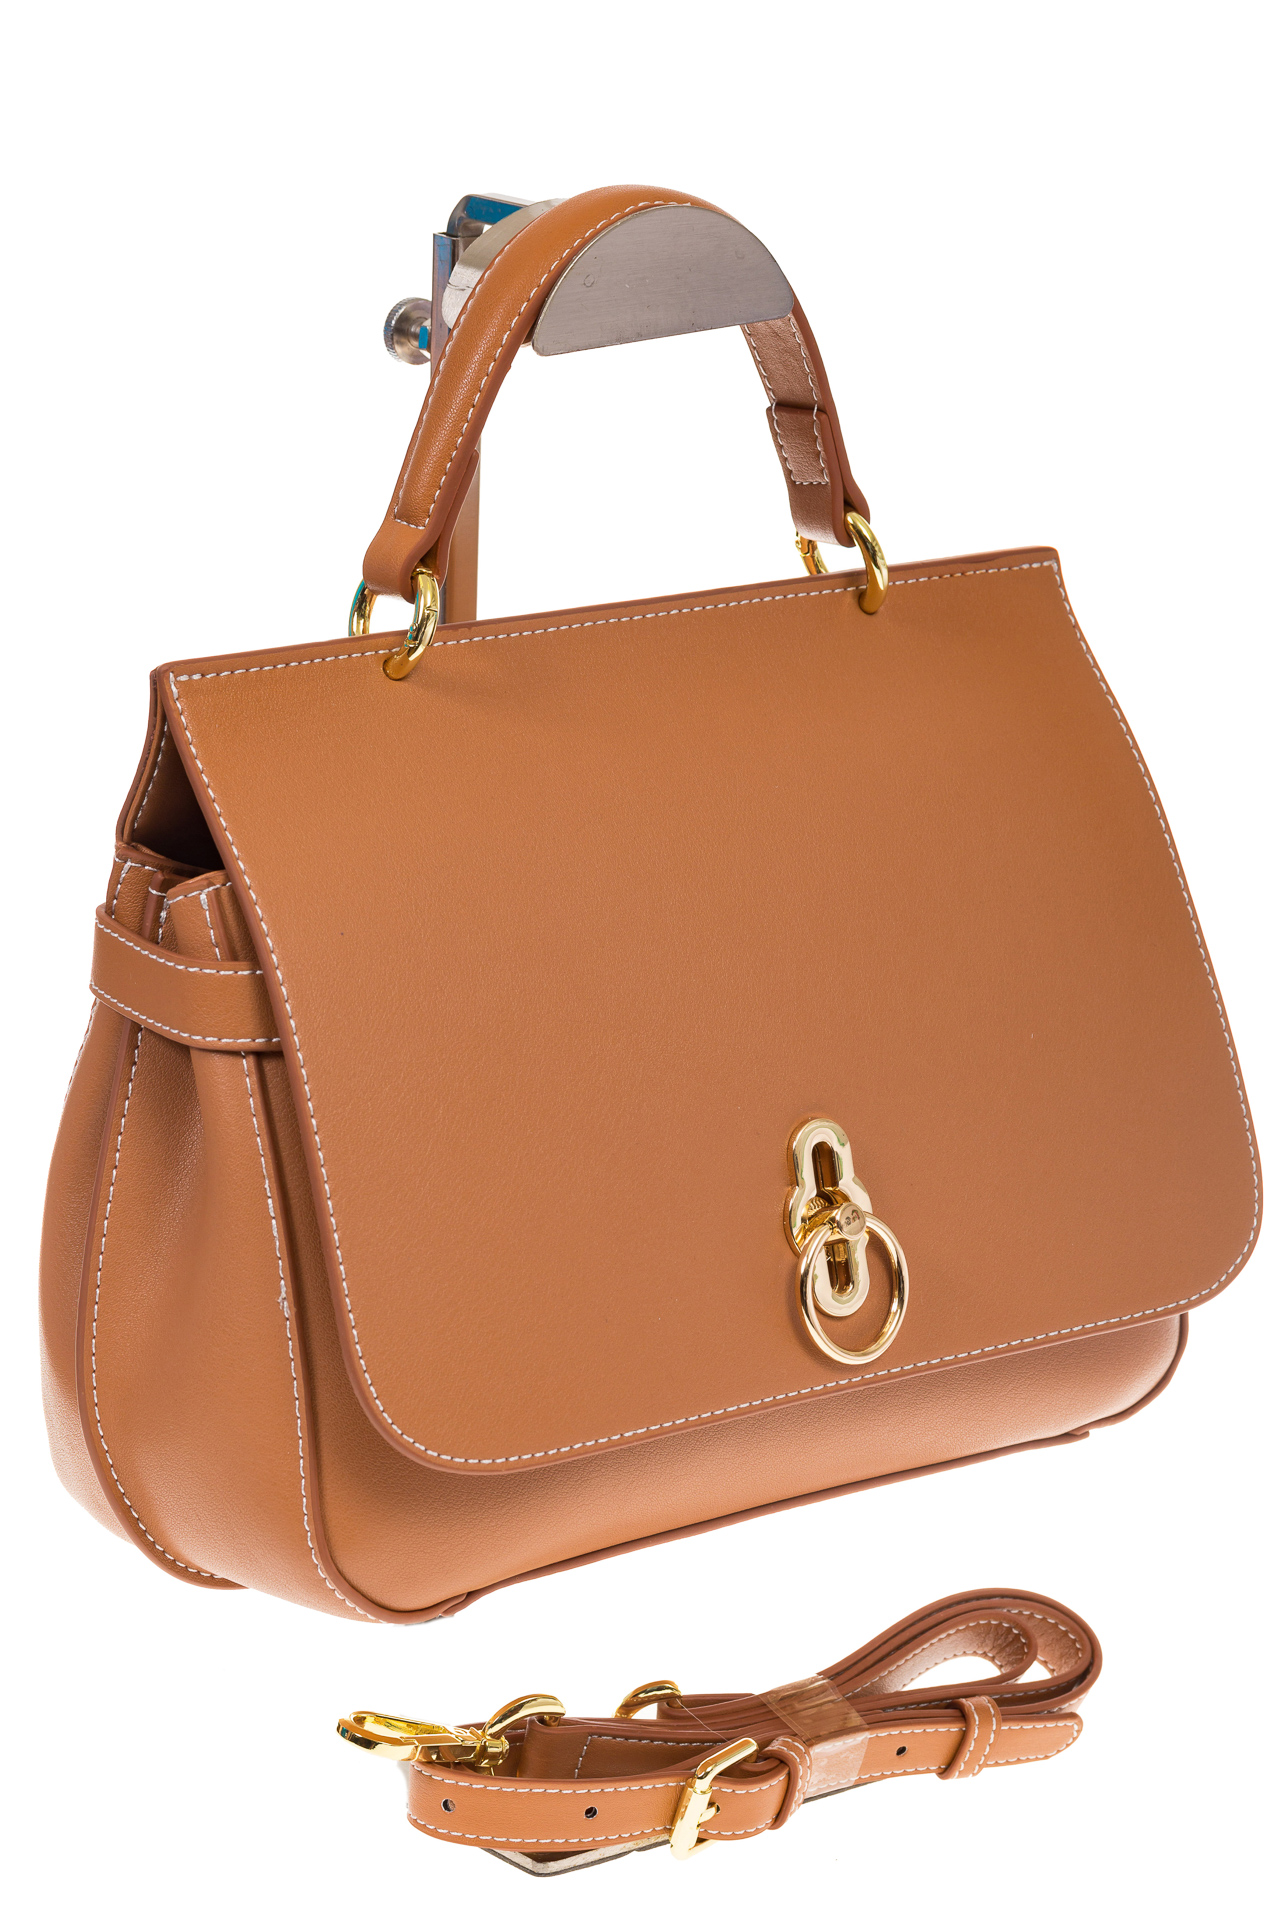 Бежевая сумка из кожи с верхним клапаном 5046-1 на фото